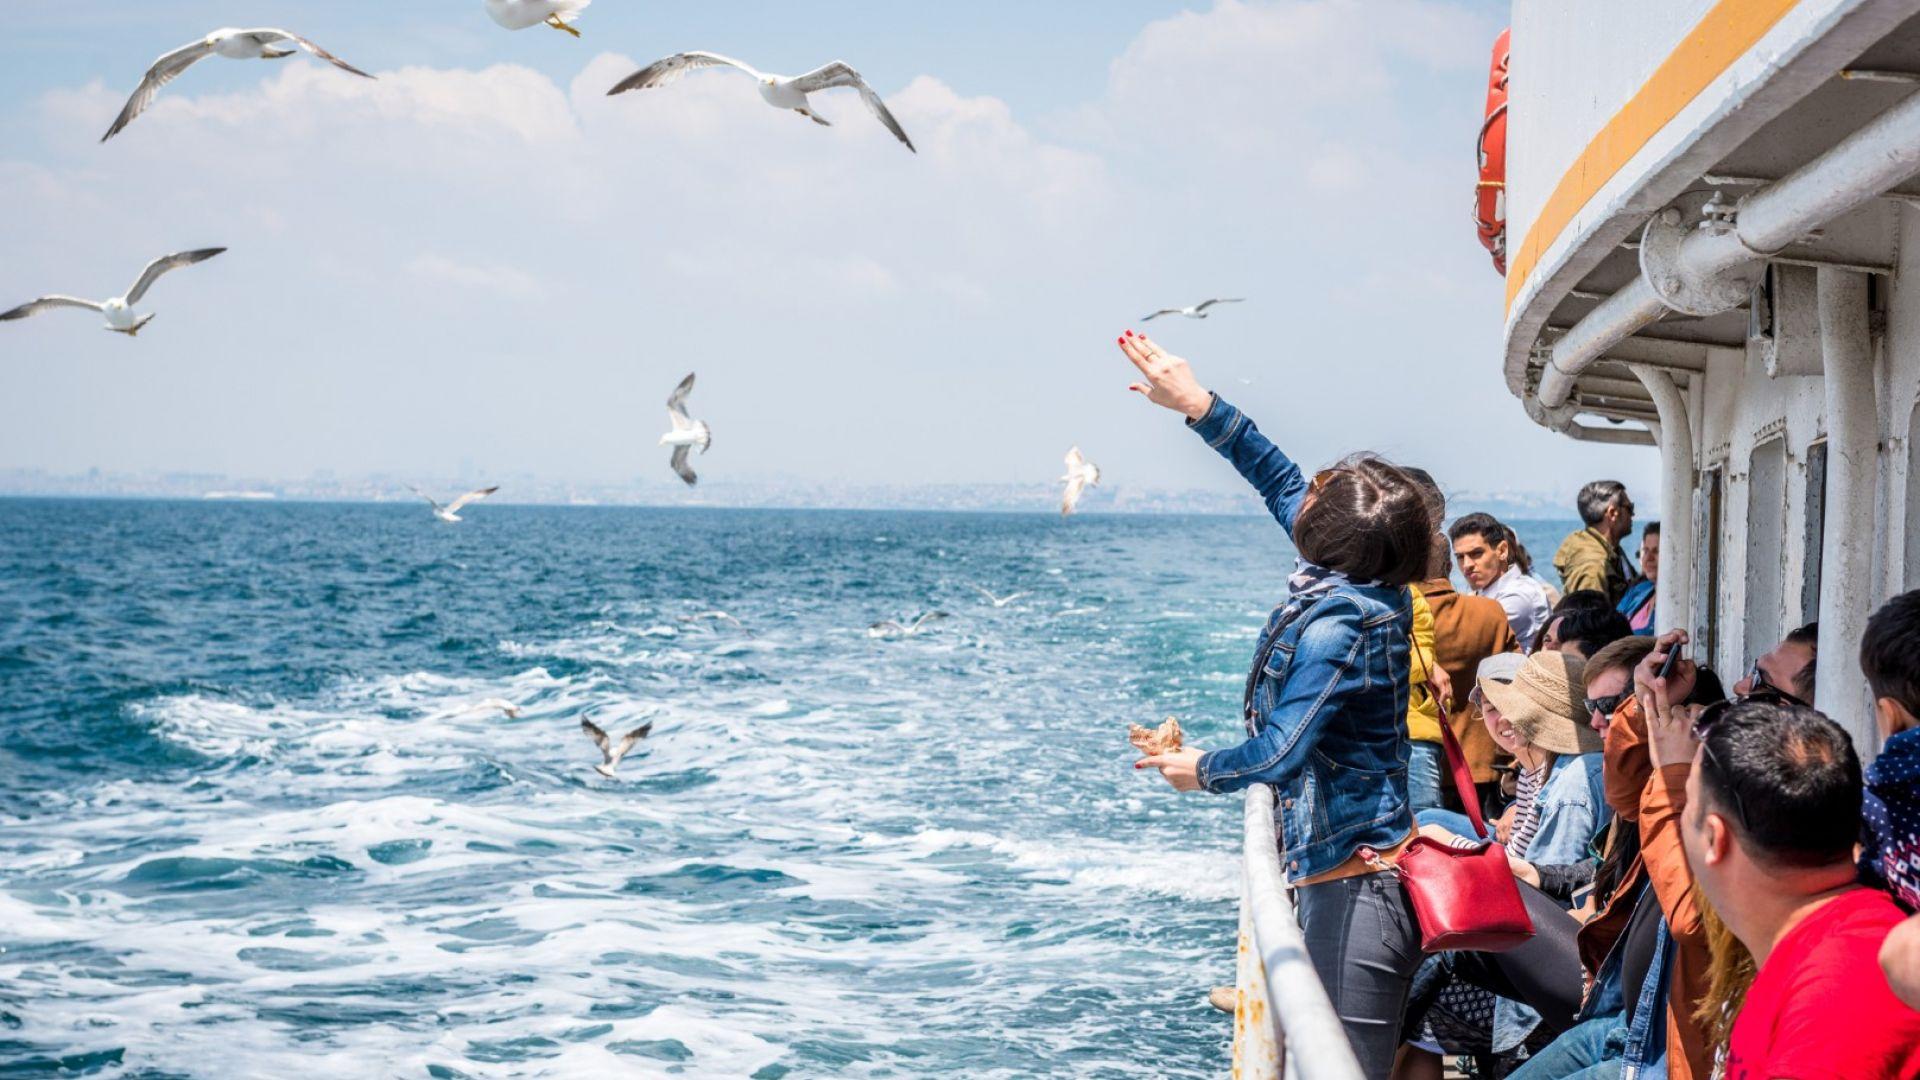 Не пропускайте да запазите малко трохи и за чайките, които неиземнно съпровождат фериботите и се гощават от храната на пътниците.